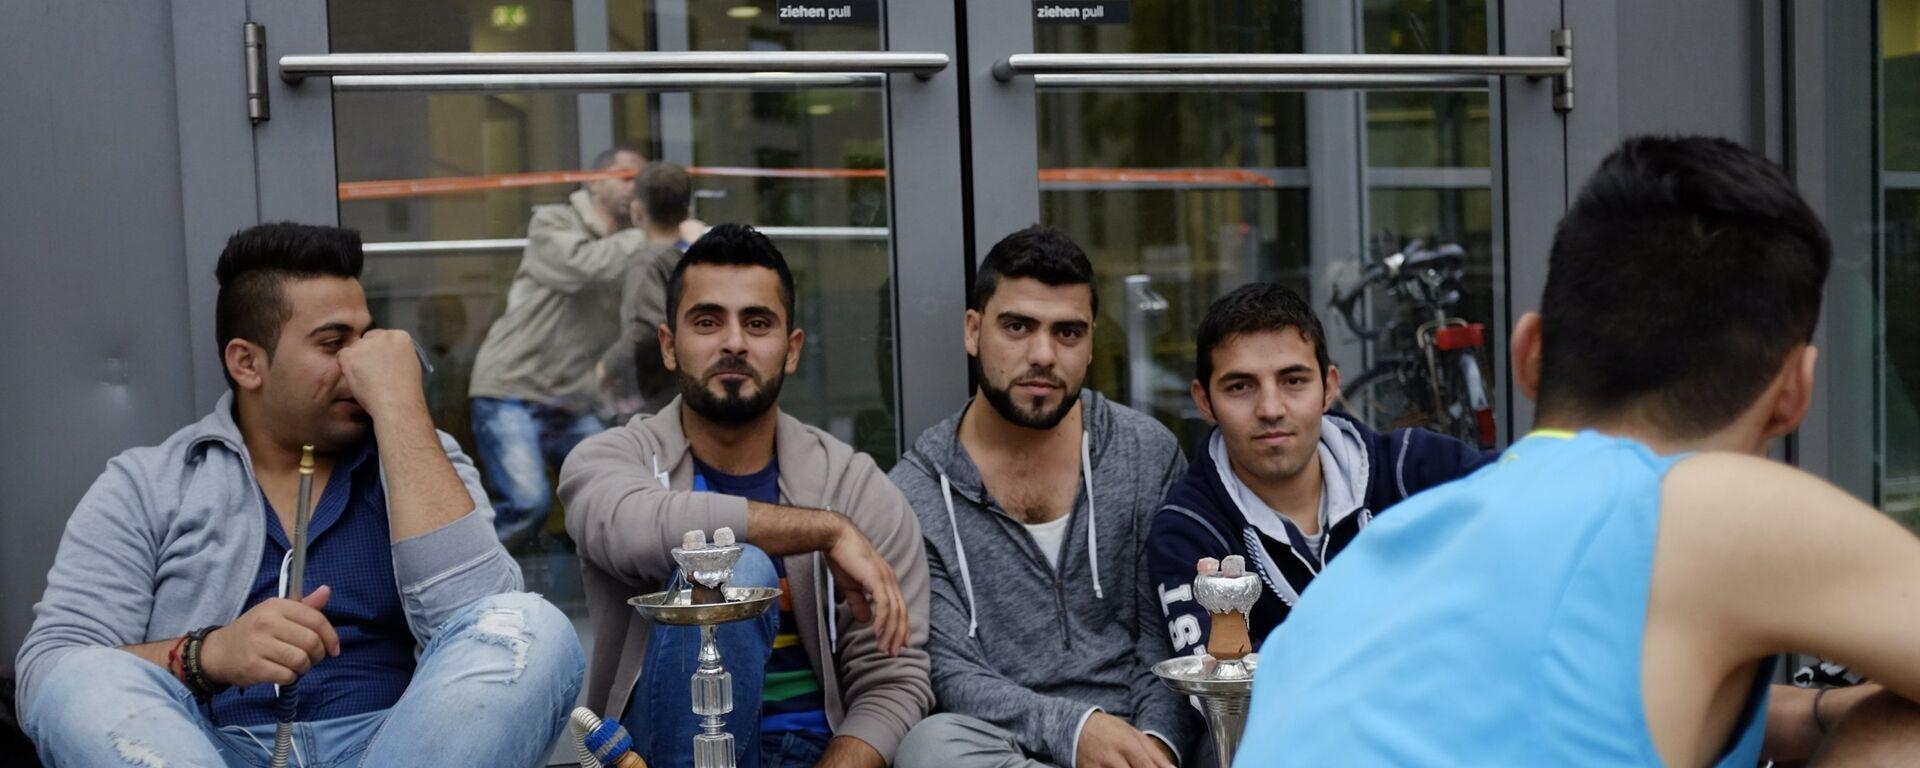 Беженцы с Ближнего Востока у выставочного центра в Гамбурге - Sputnik Латвия, 1920, 29.08.2018